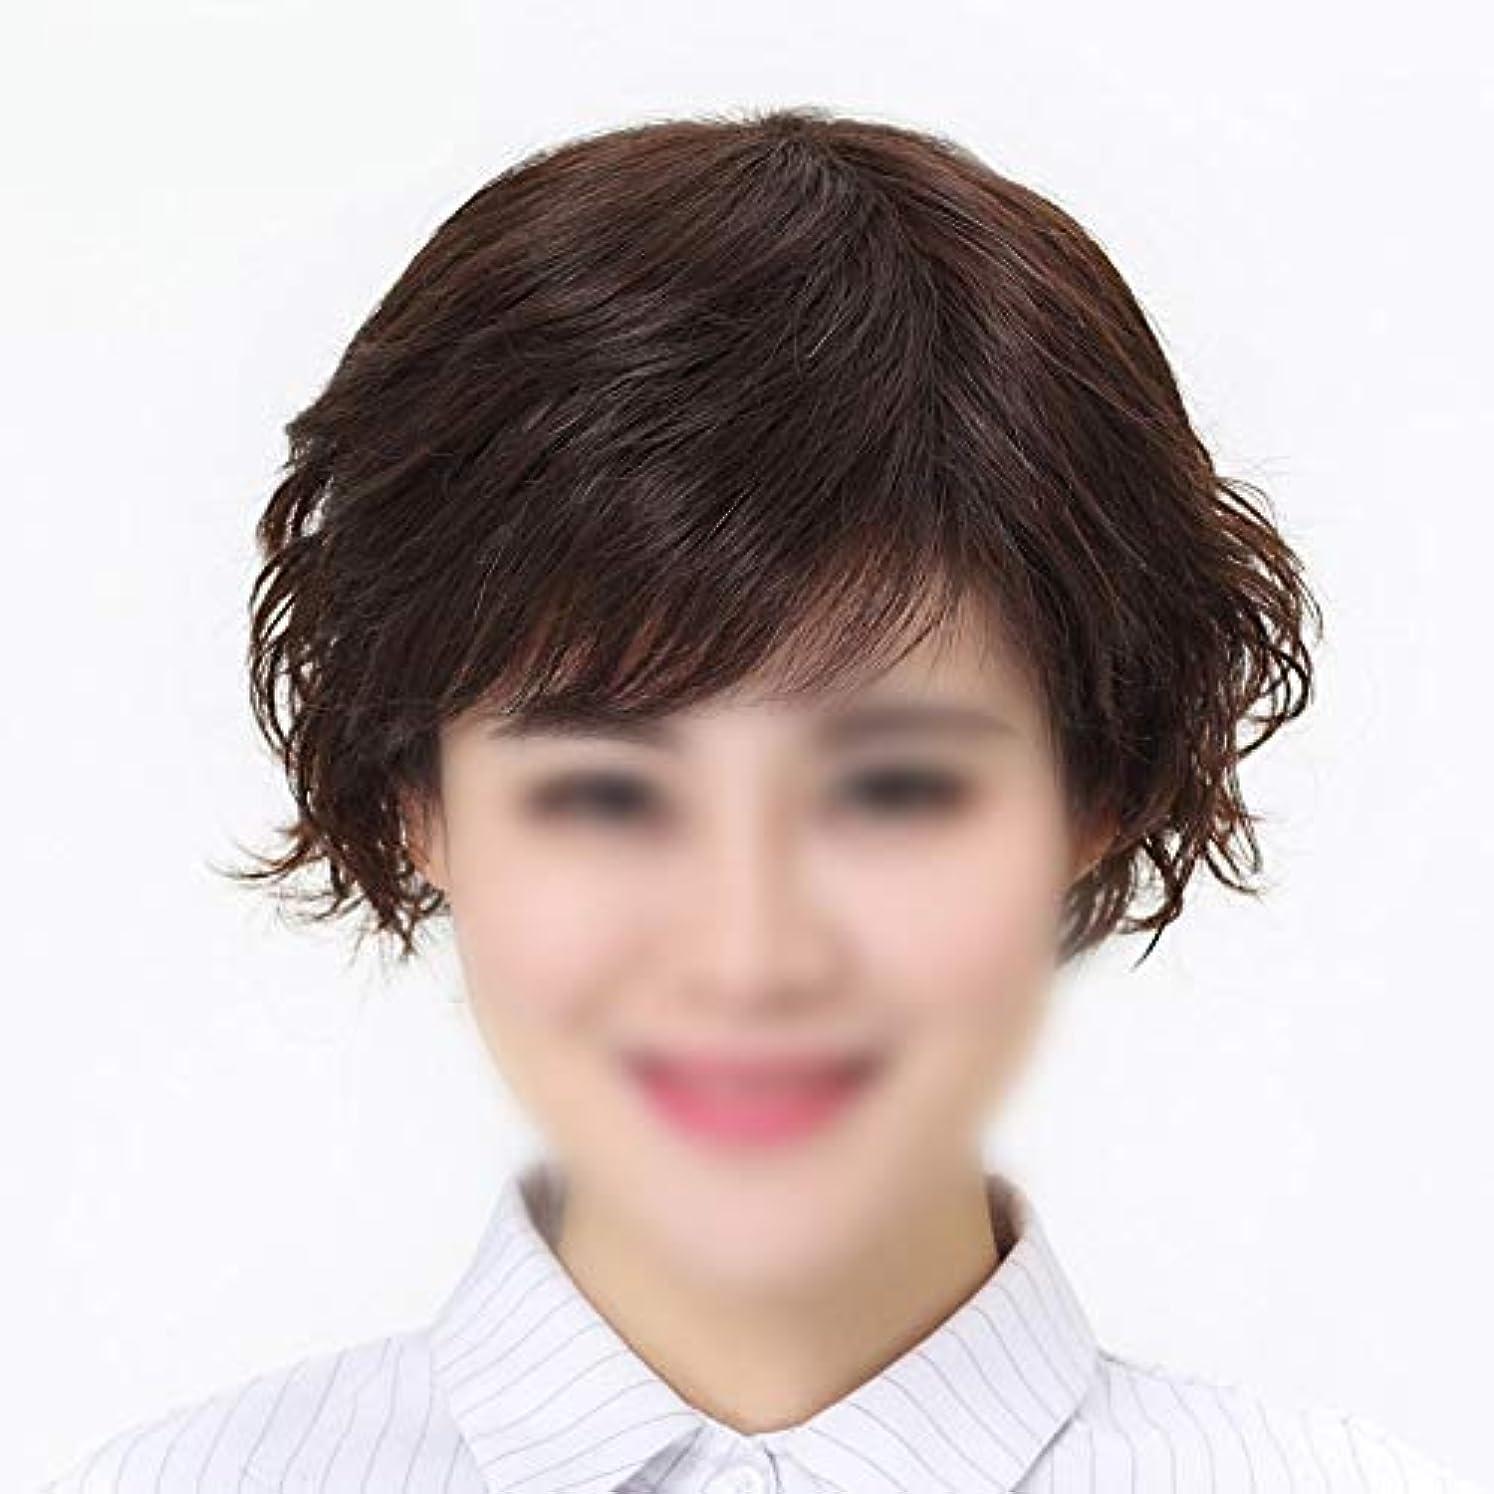 に対して腐敗したジレンマYOUQIU 女性のかつらのために前髪人毛のかつら有名人を持つ実バージン人毛ショートウィッグスタイリッシュ (色 : 黒, サイズ : Mechanism)